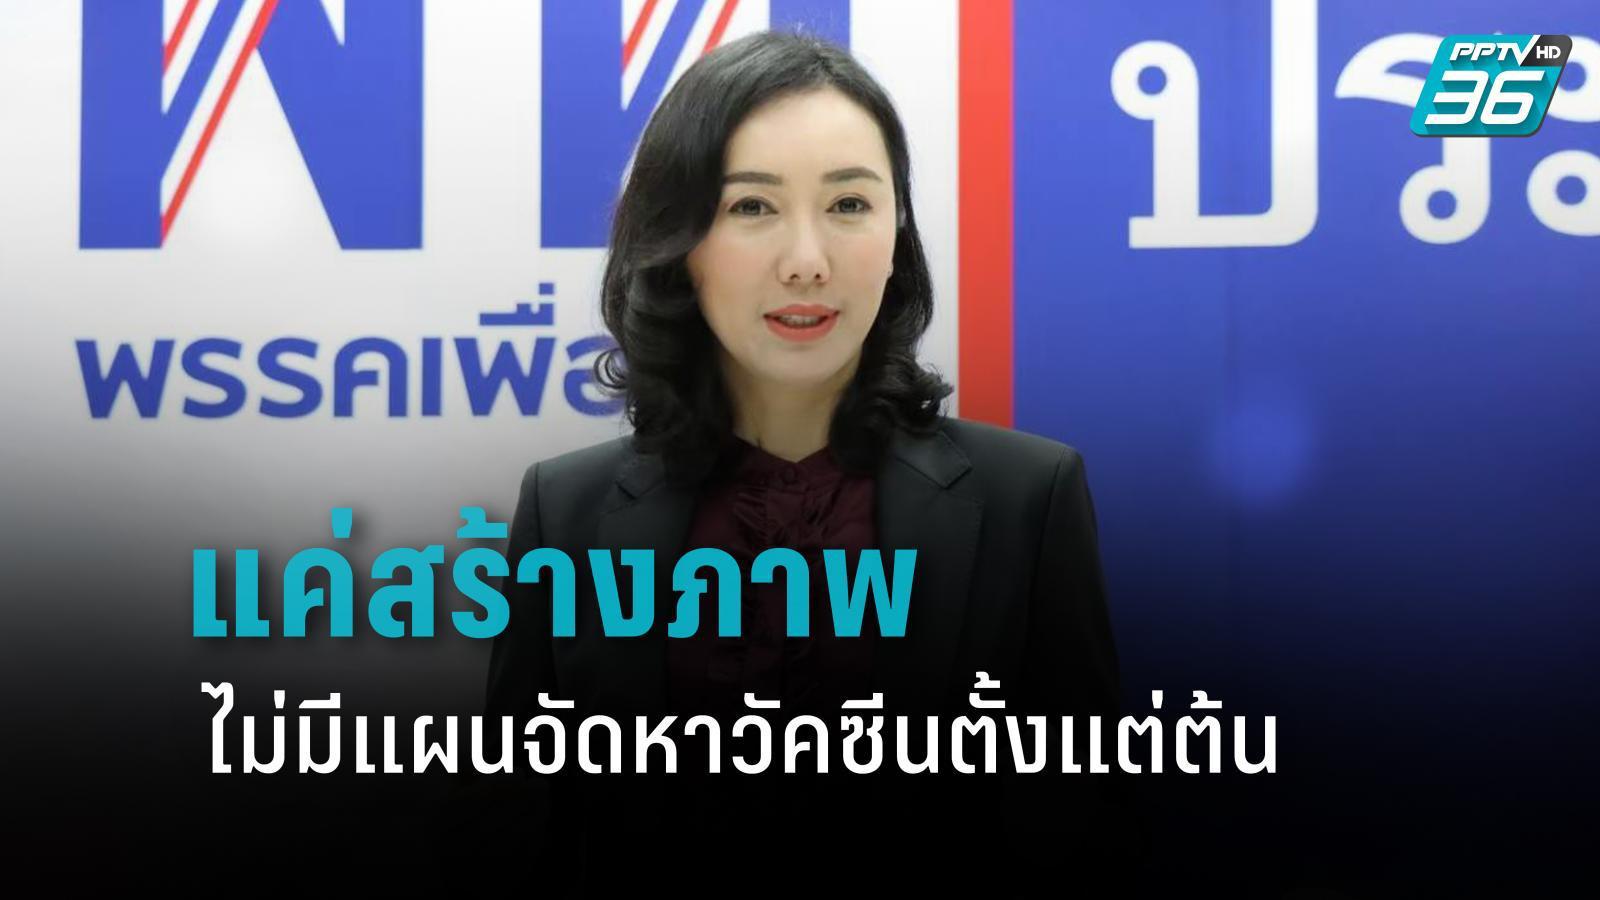 """""""เพื่อไทย"""" ซัด รัฐบาล แค่สร้างภาพ จัดอีเว้นท์แห่รับวัคซีนล็อตแรก"""